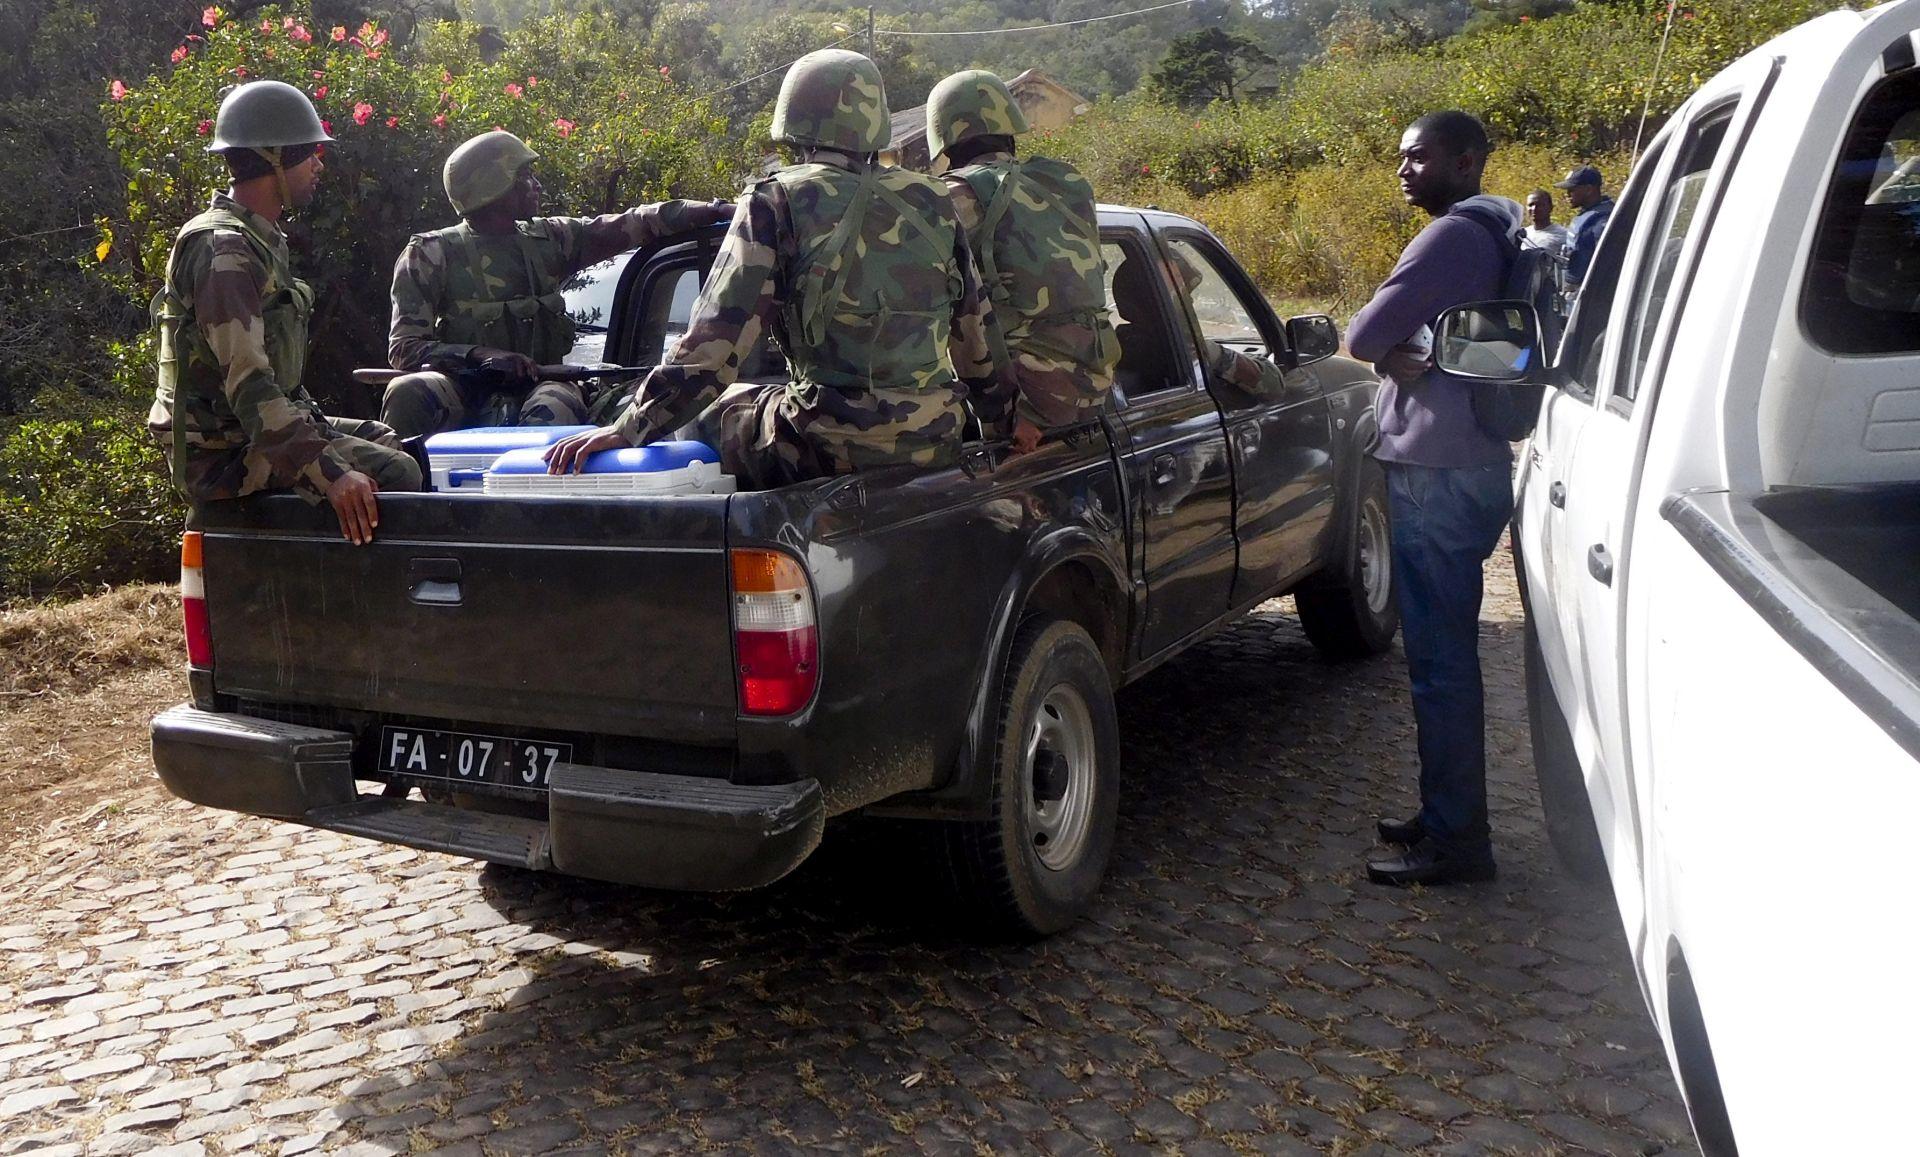 KRIJUMČARENJE DROGE? 11 osoba ubijeno na Zelenortskim Otocima, među njima dvoje Španjolaca